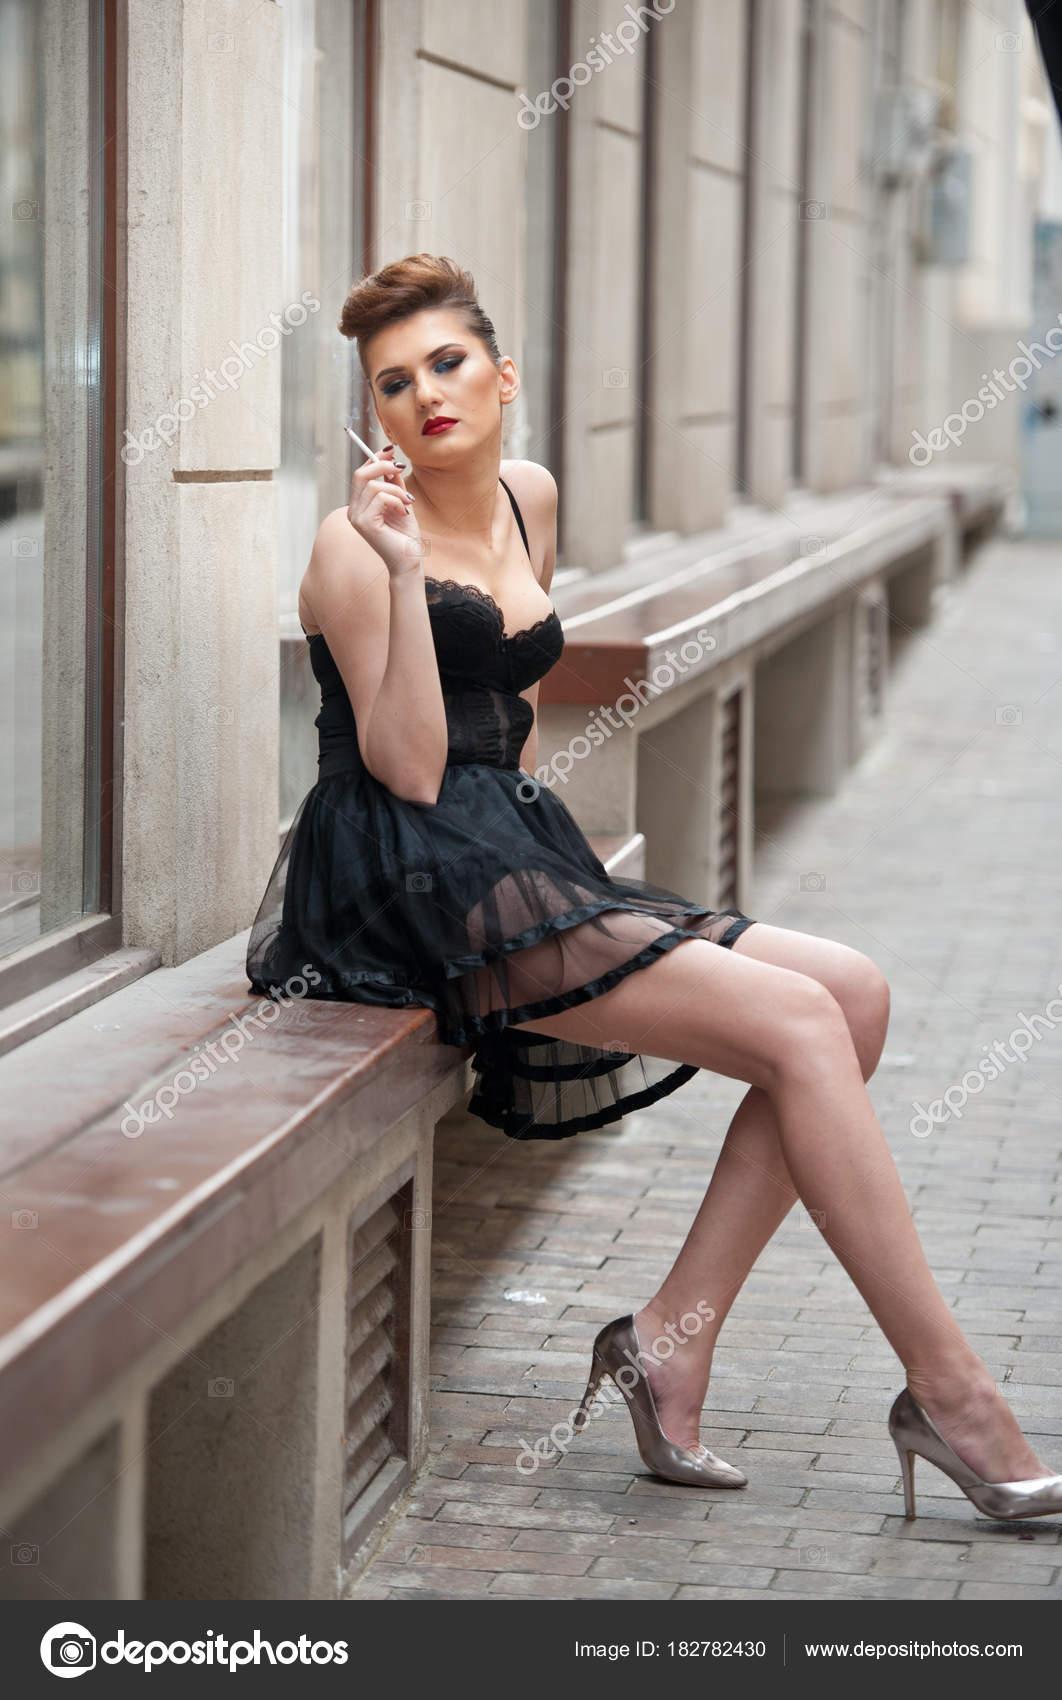 6fcbdba26f7 Fille Sensuelle Avec Longues Jambes Courte Robe Noire Des Talons ...